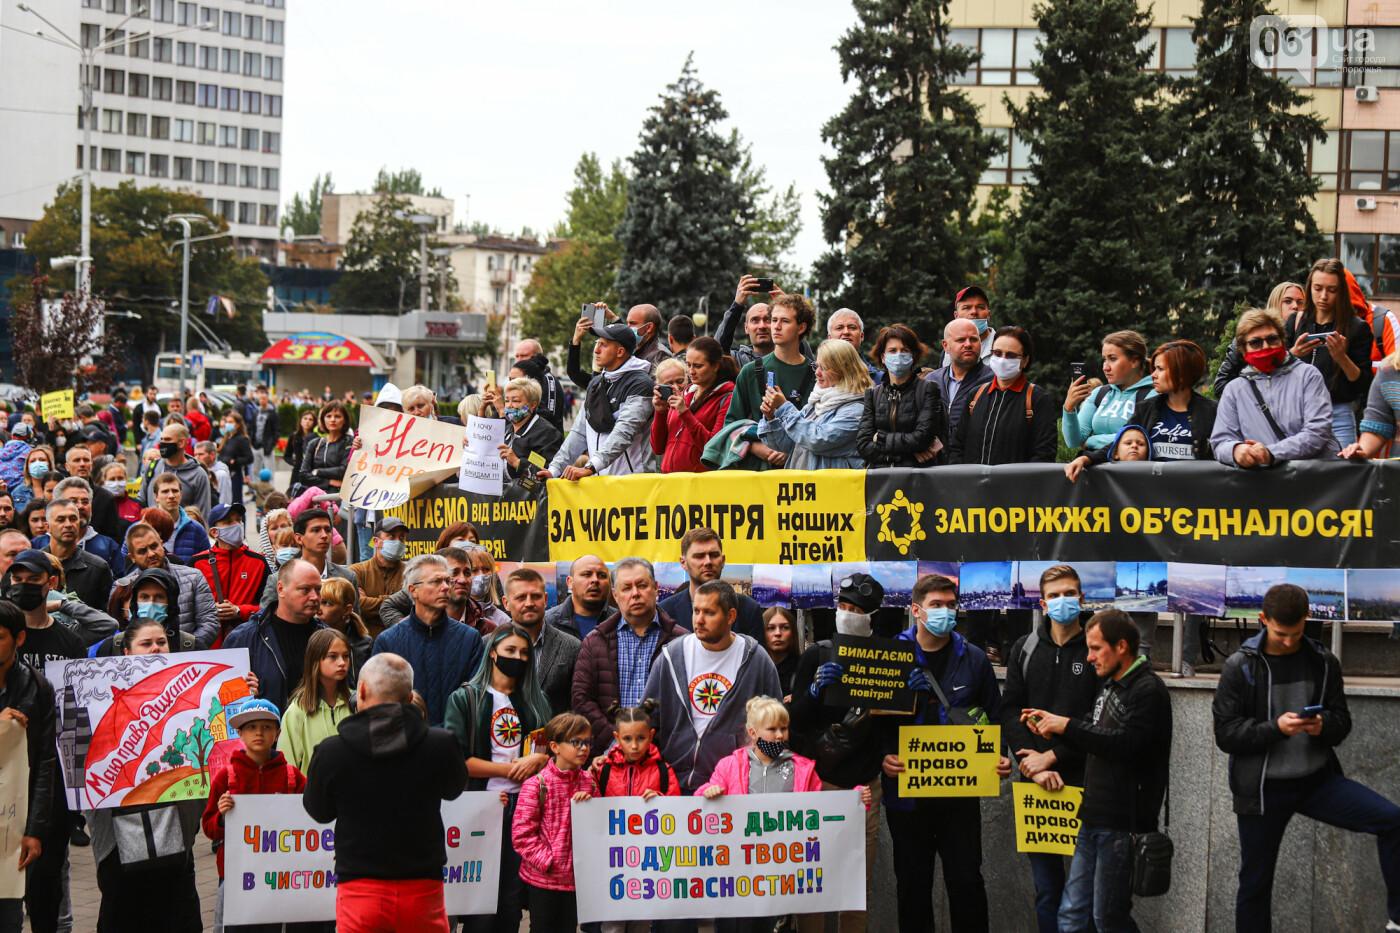 Маю право дихати: тысячи запорожцев вышли на экологический митинг, ФОТО, ВИДЕО, фото-34